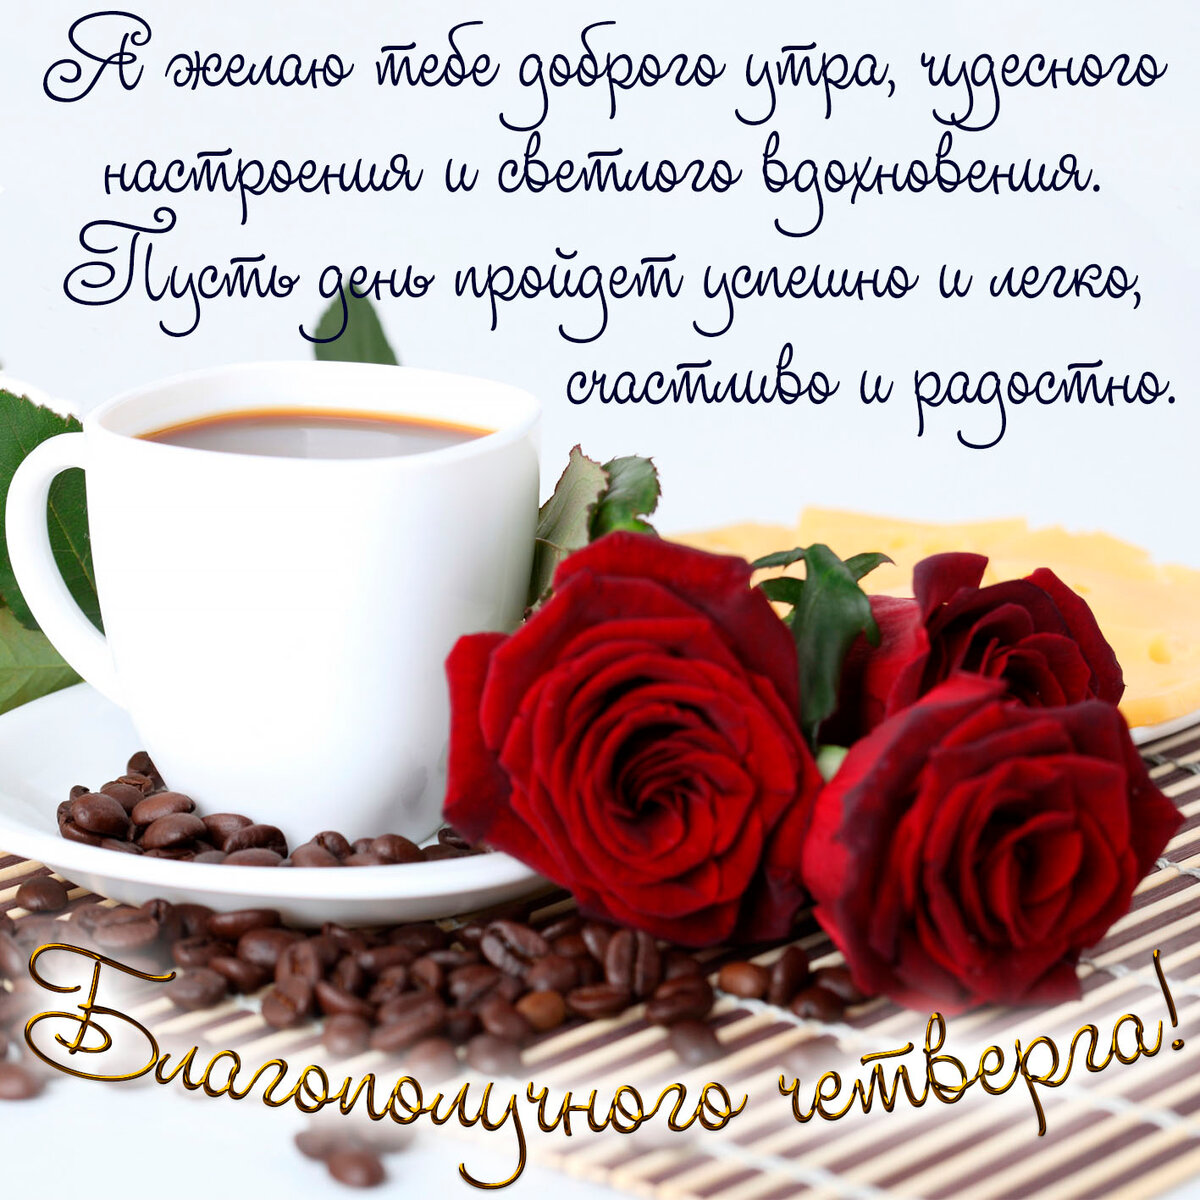 когда меня с добрым утром пожелания розы заселять насекомых